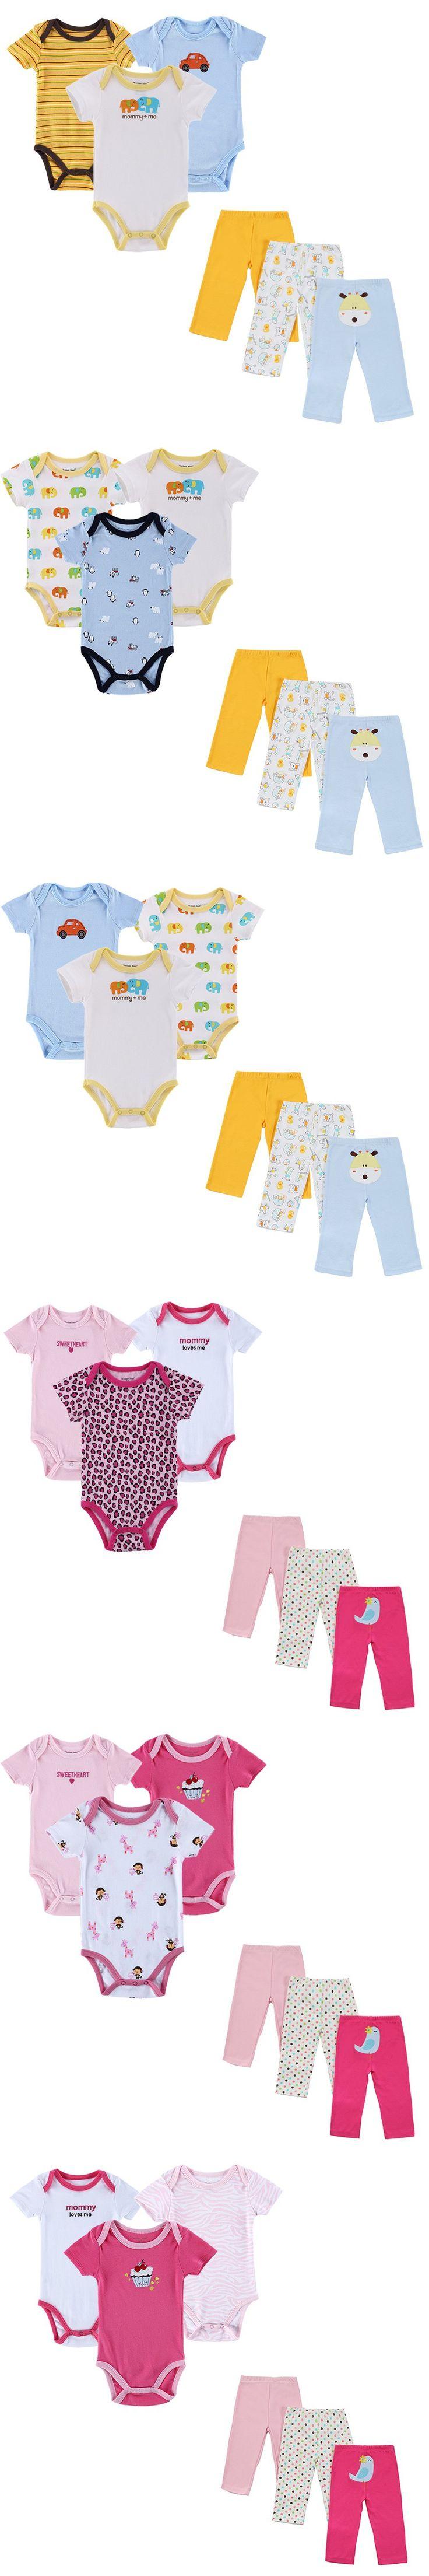 Baby Boys Clothing Sets Minion Suits Infant Newborn Clothes Sets Kids Vest Rompers With Pants 3 Pcs Sets Children Suits $25.66